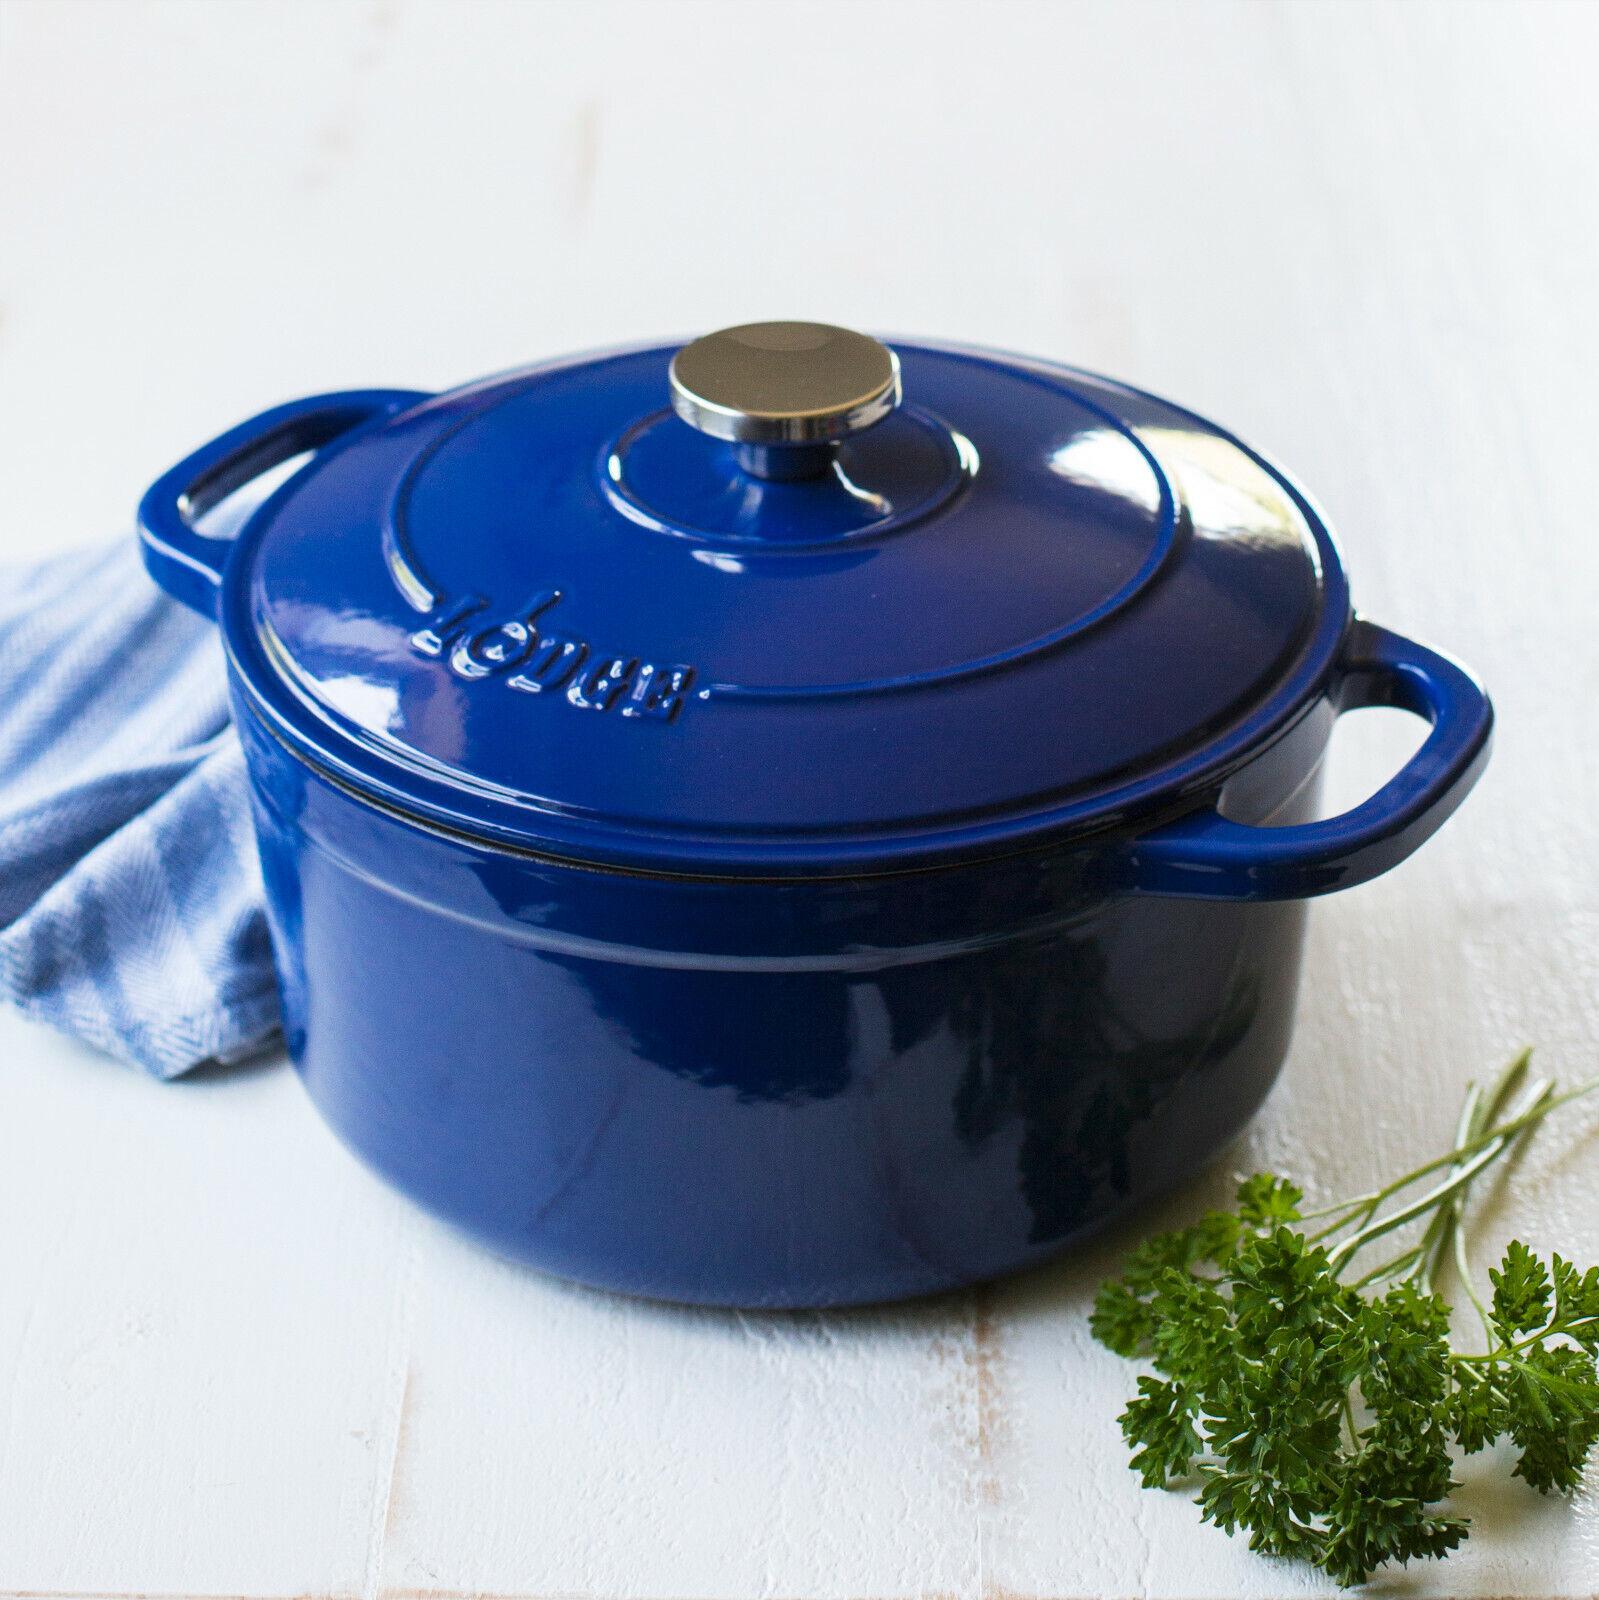 Lodge Enameled Cast Iron 5.5 Quart Dutch Oven Cookware Pot,